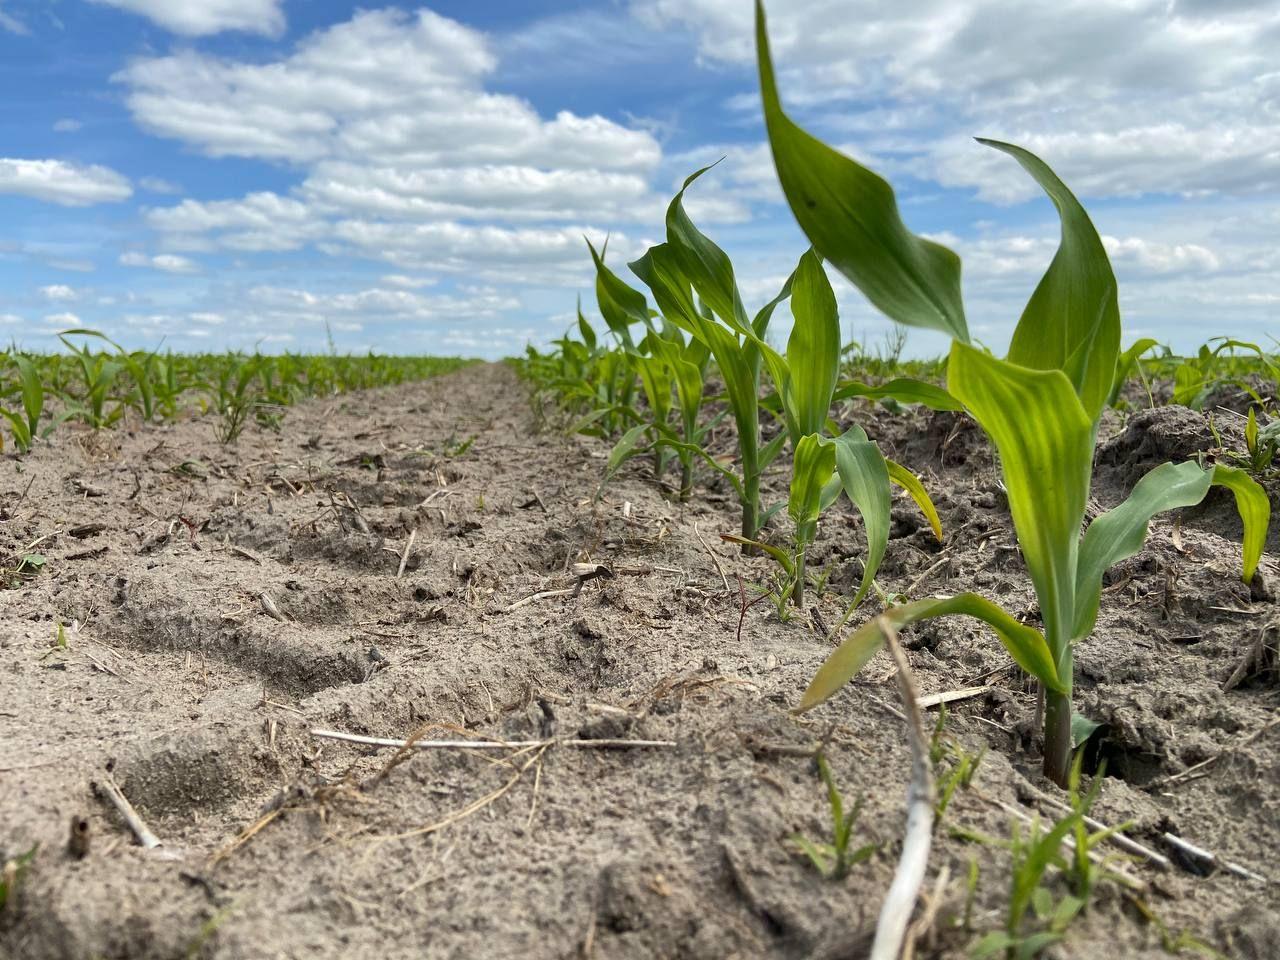 Досвід регіональних платформ Mini Hub для вирощування кукурудзи та соняшника фото 6 LNZ Group